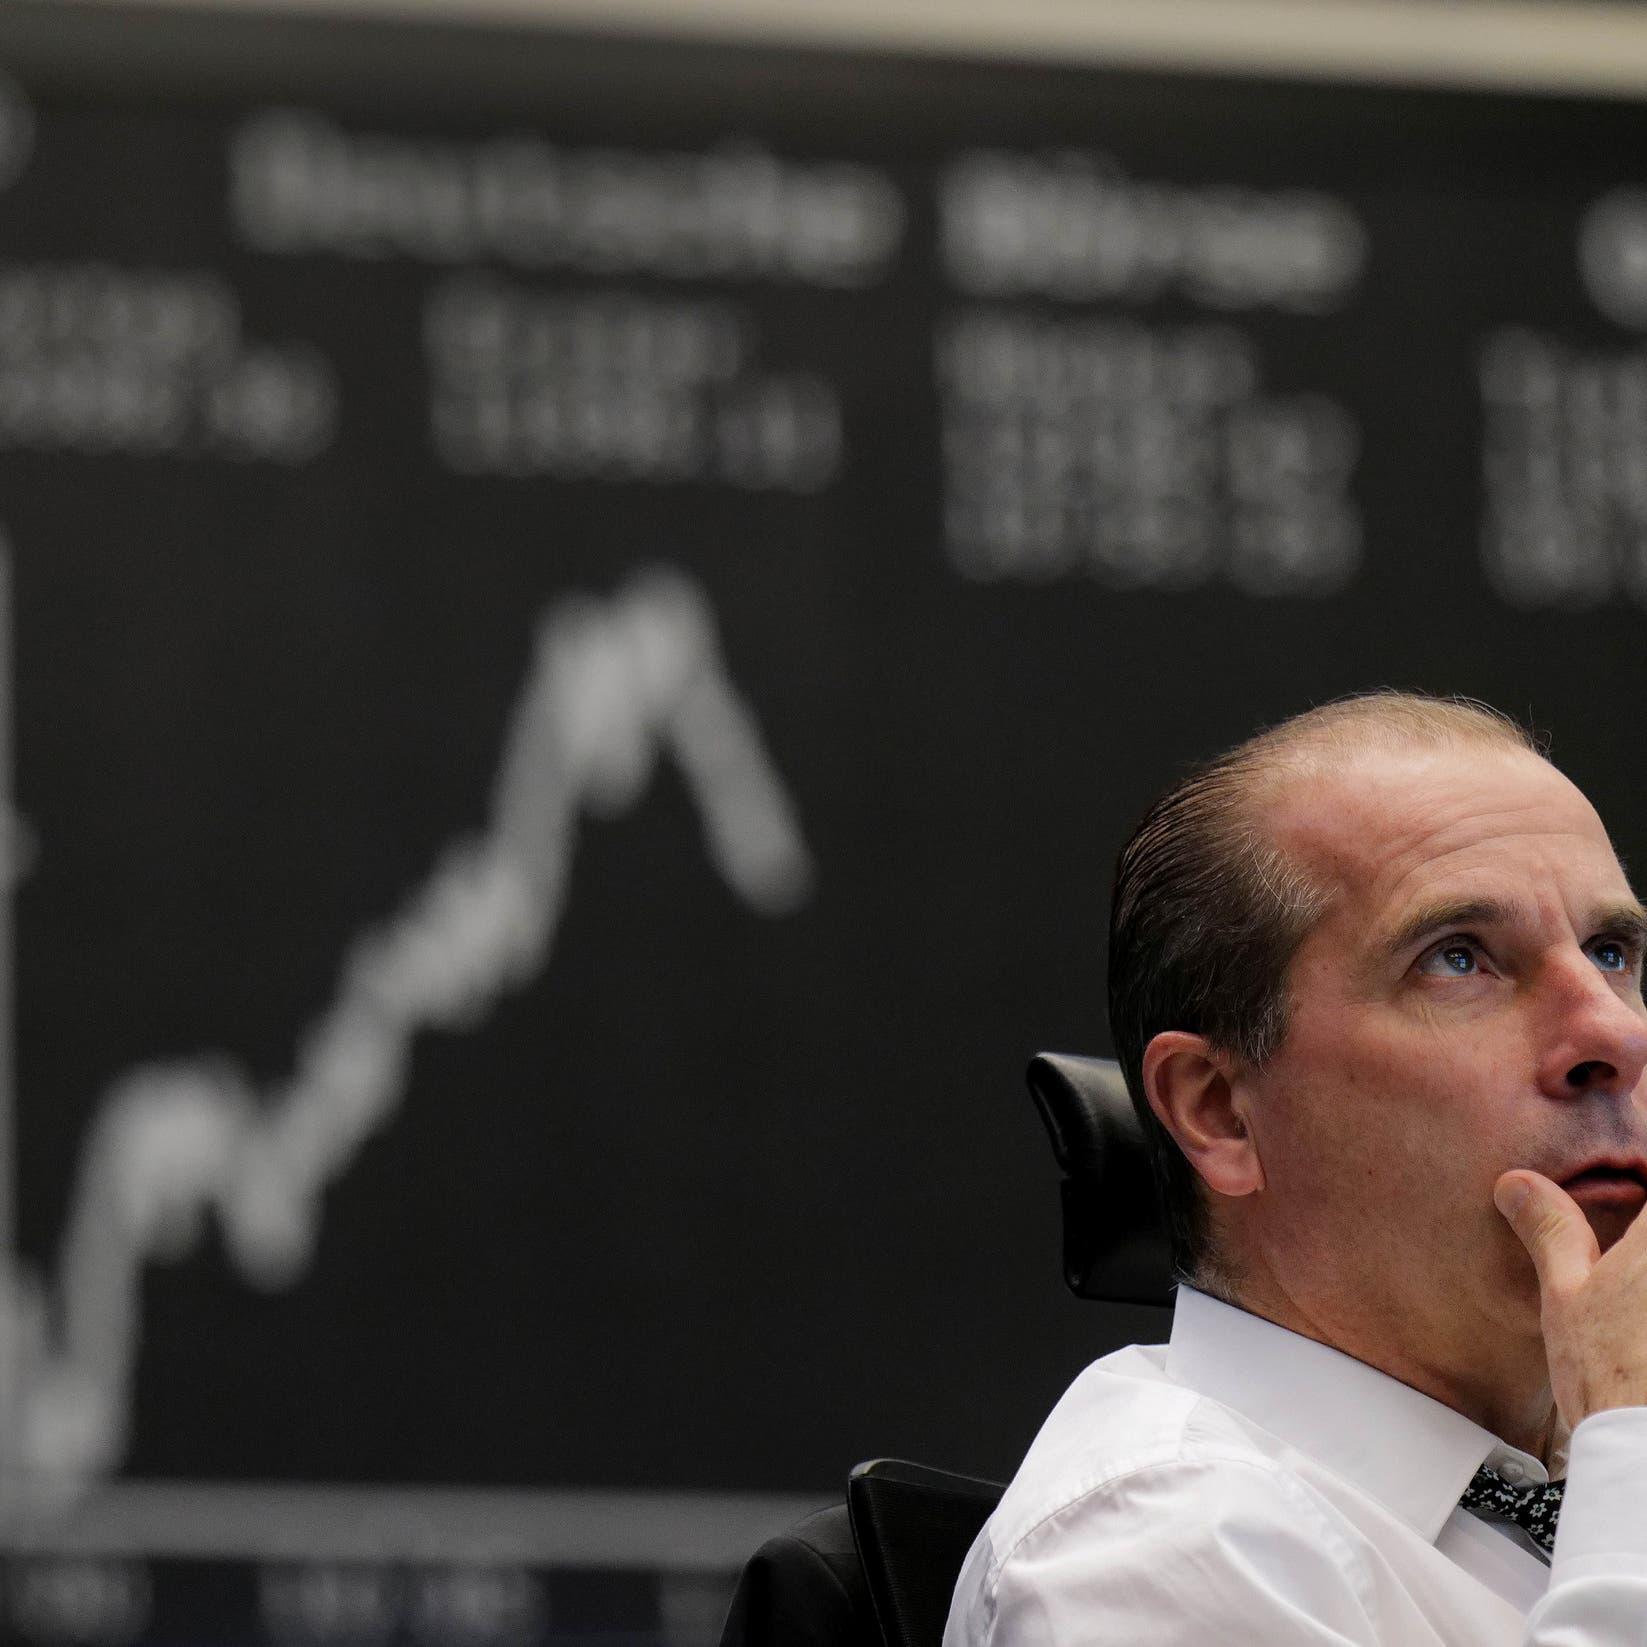 شبح التضخم يخيّم على أسواق أوروبا ويضعف شهية المستثمرين